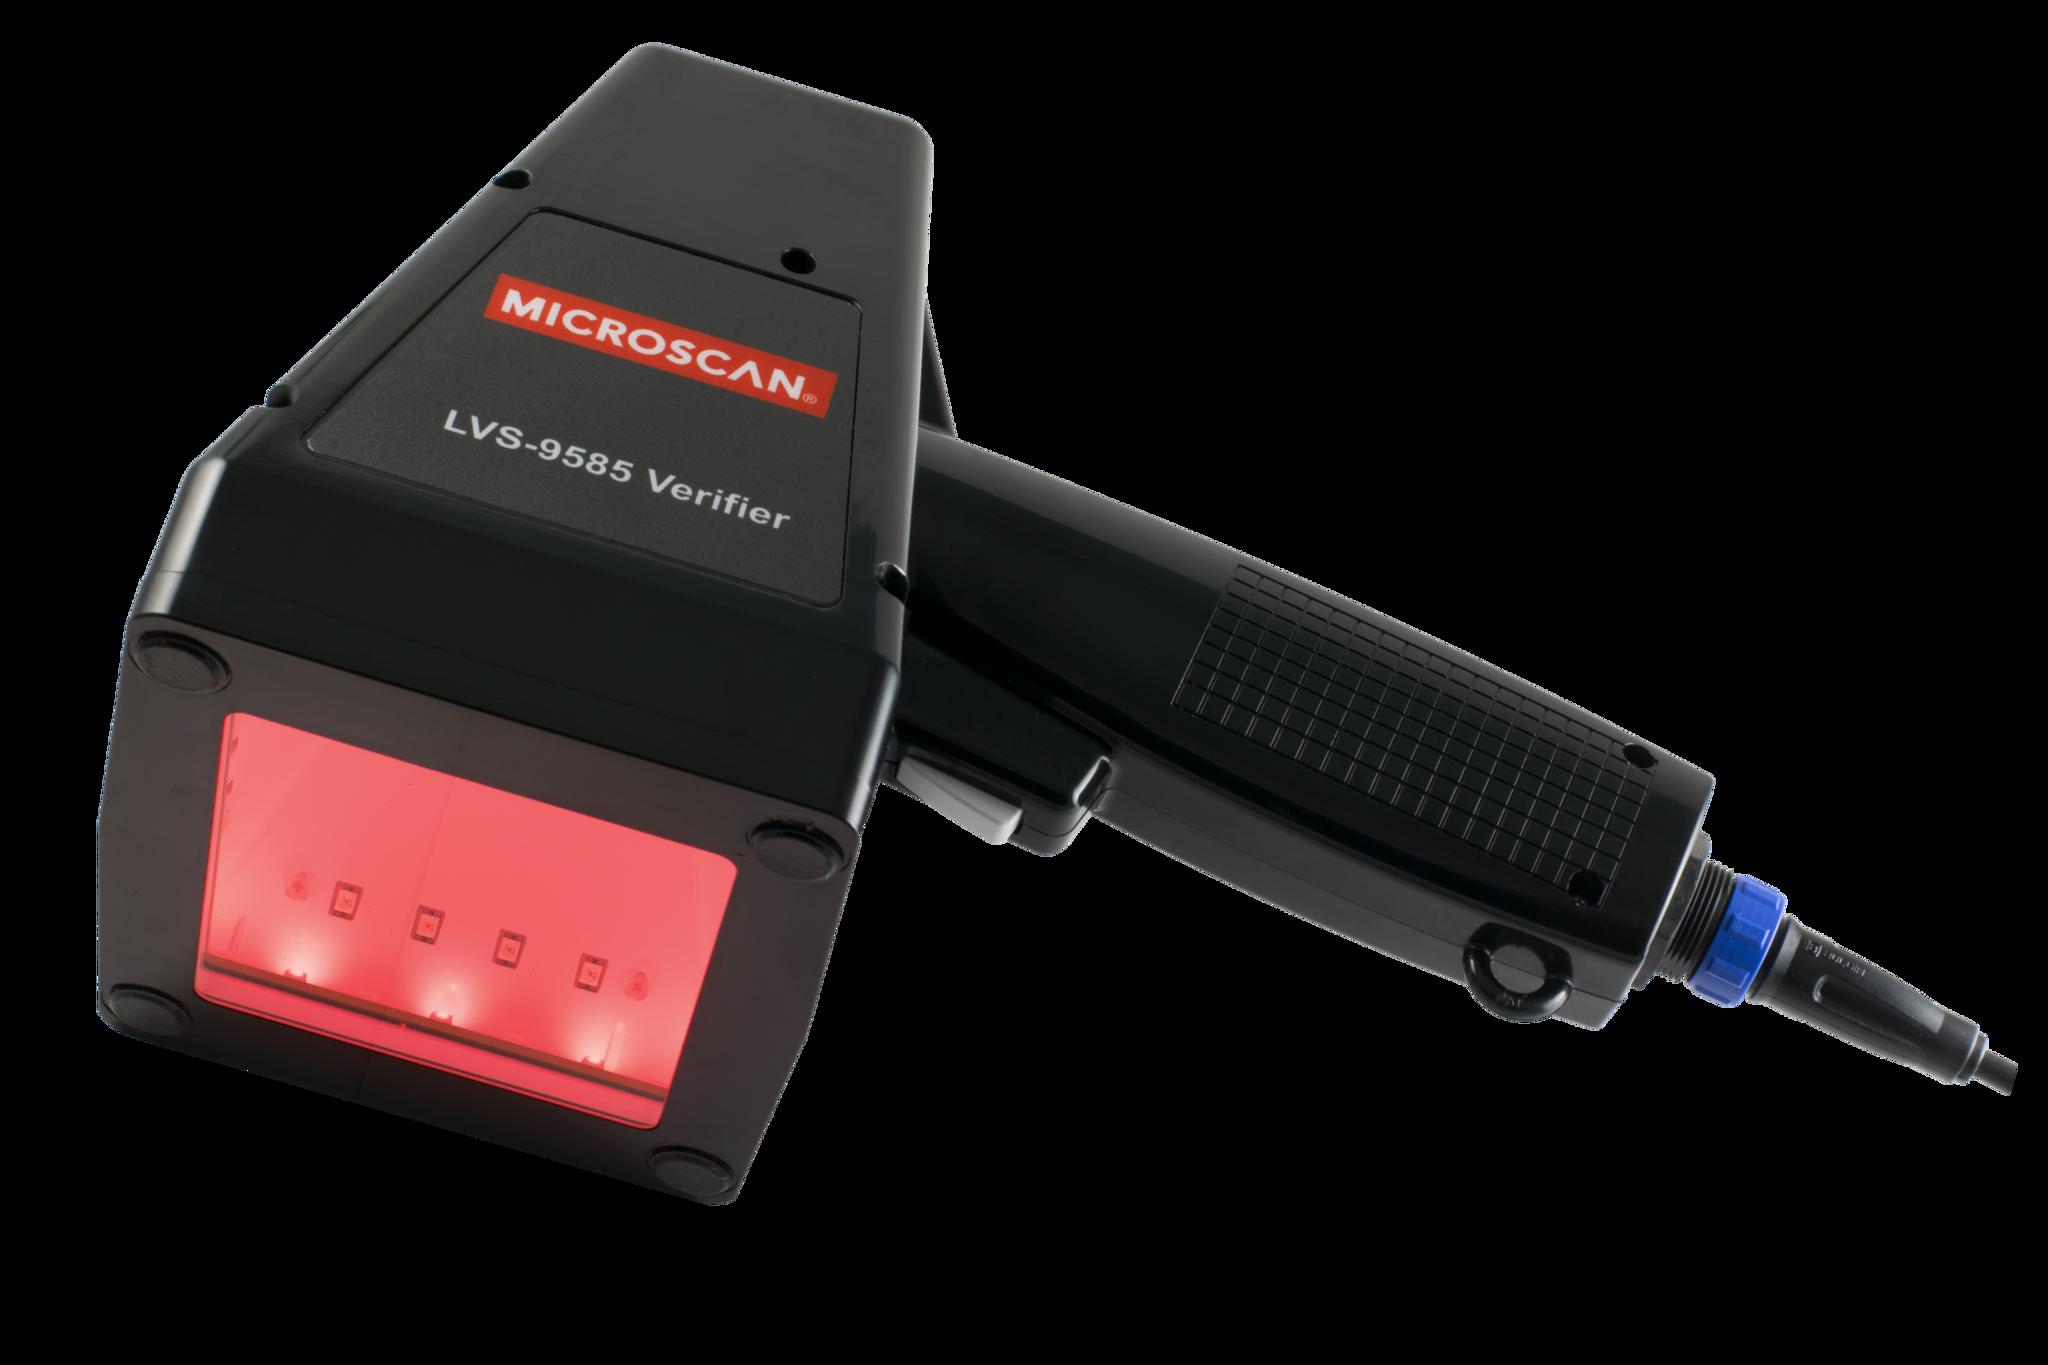 LVS-9585-Barcode-Verifier